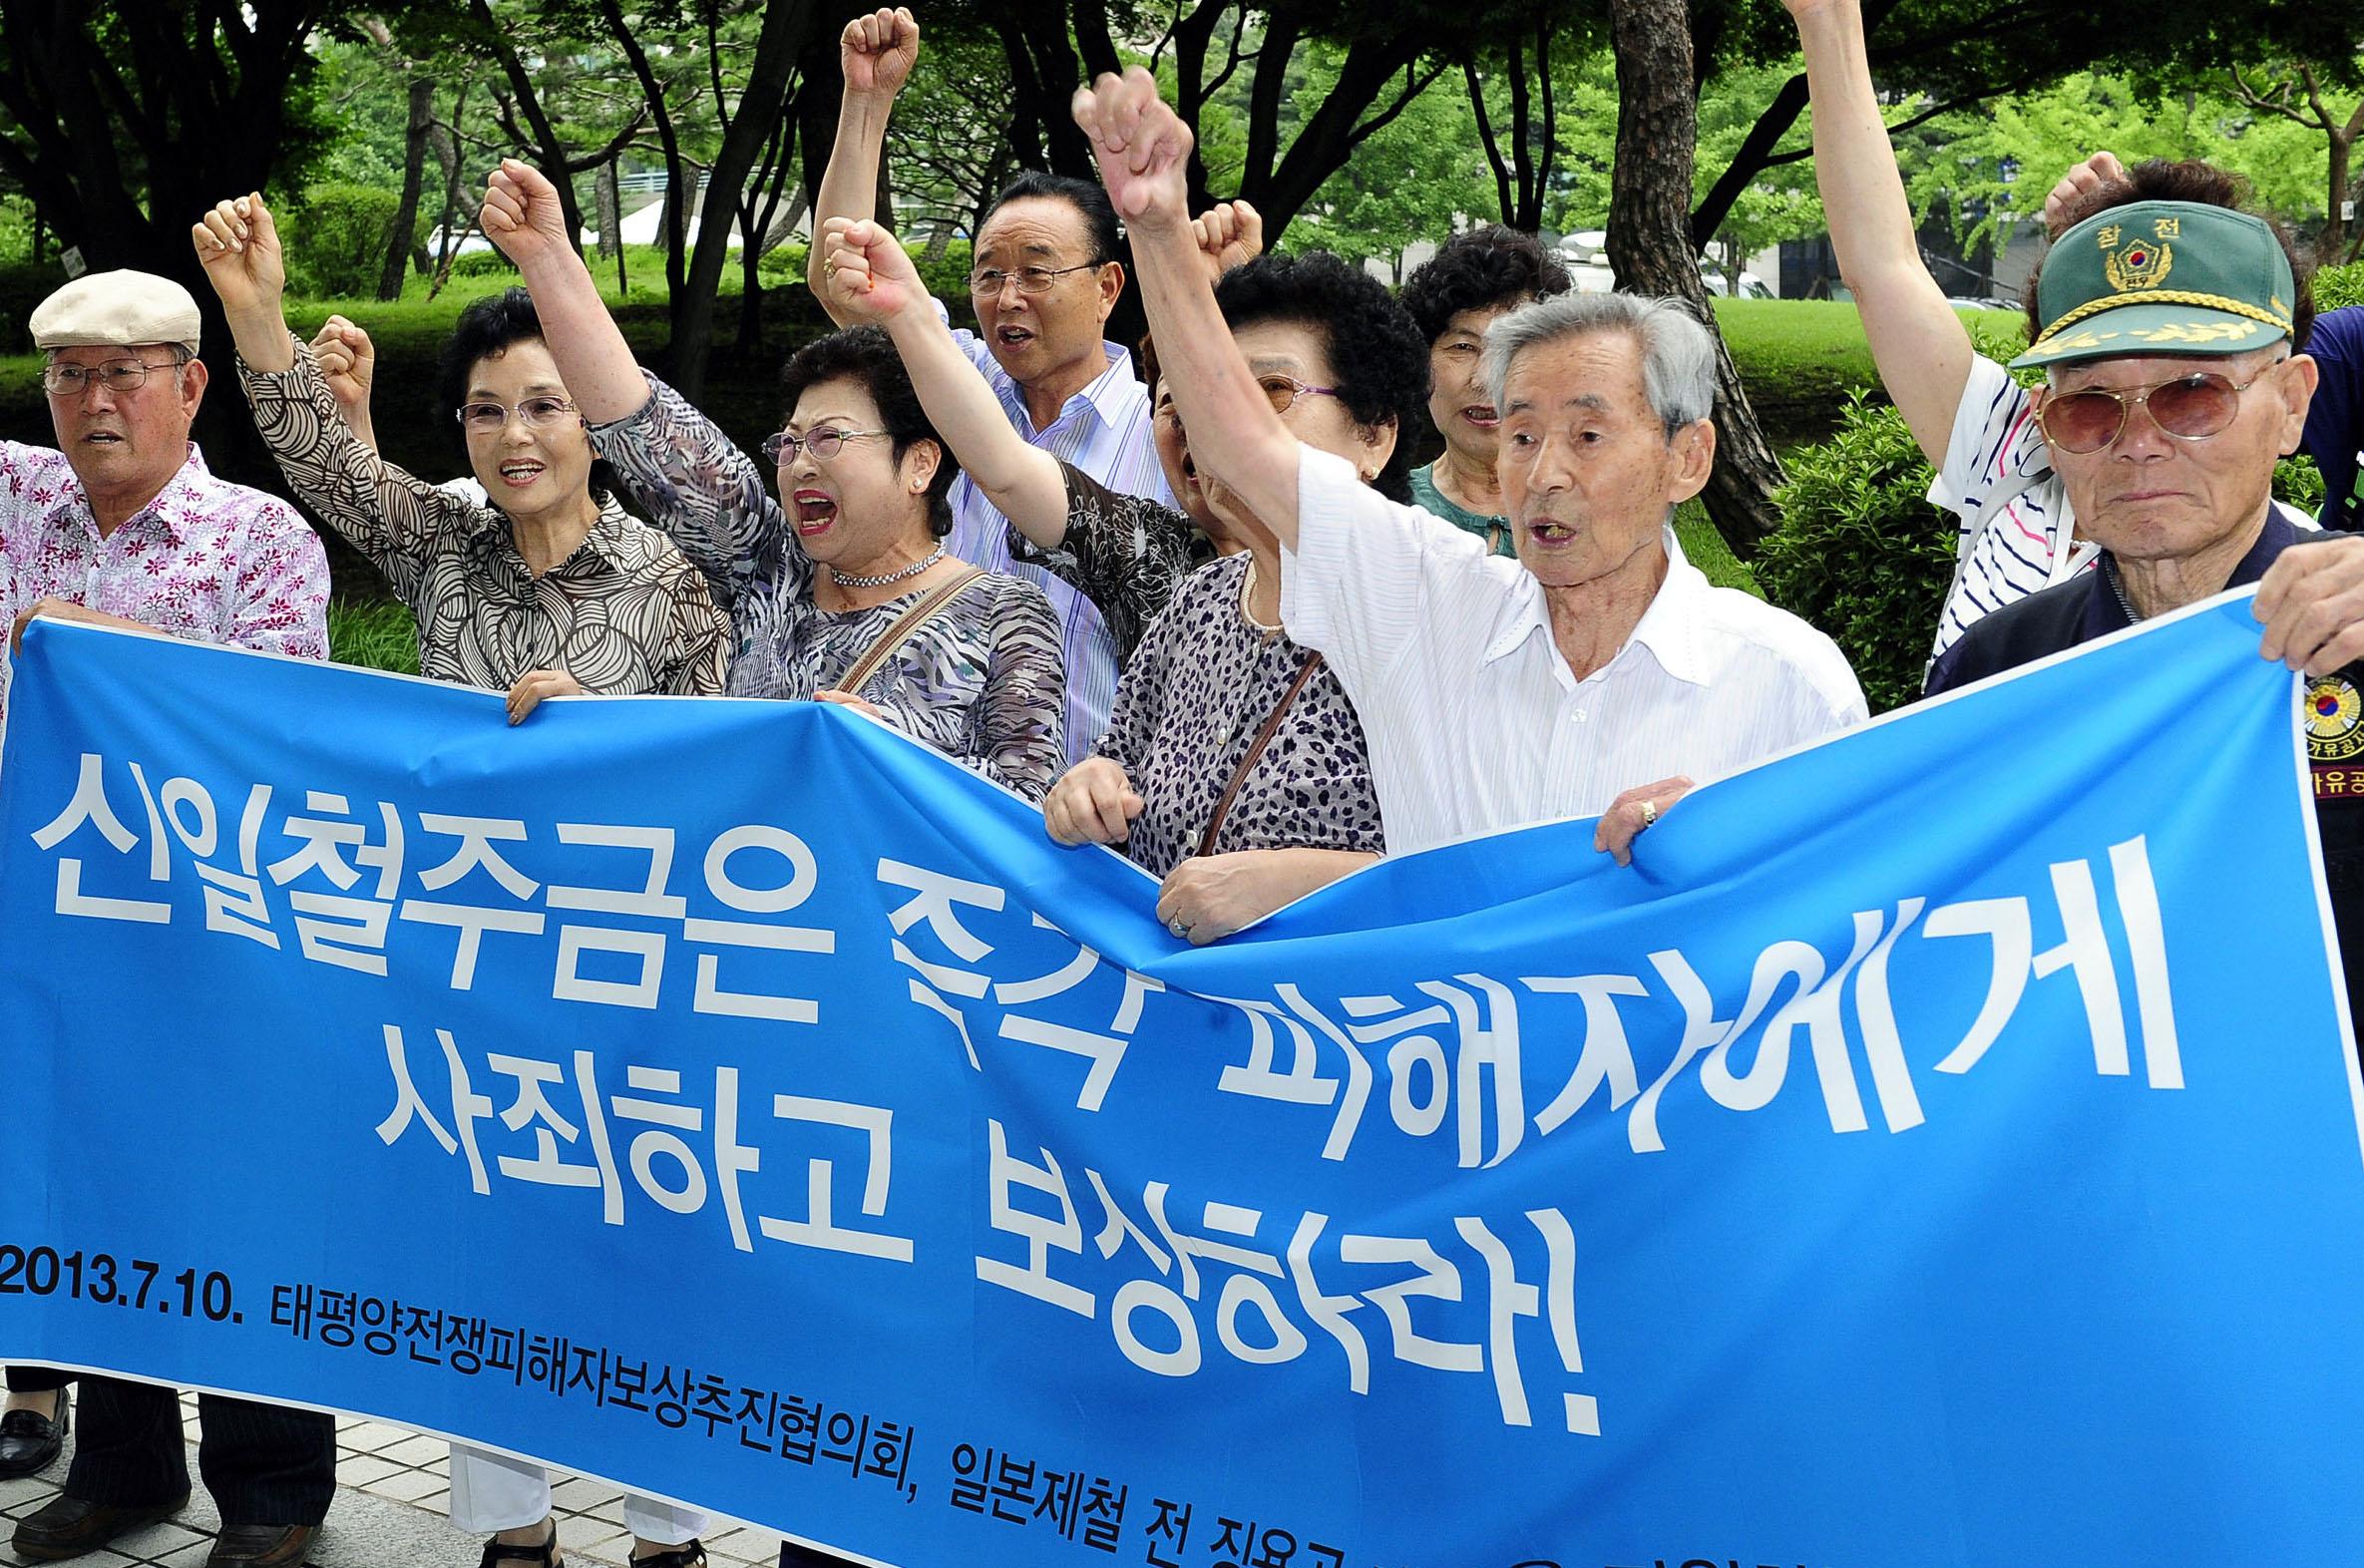 徴用工問題 条約を無視して賠償も求める韓国に日本国民は激怒!: 保守 ...